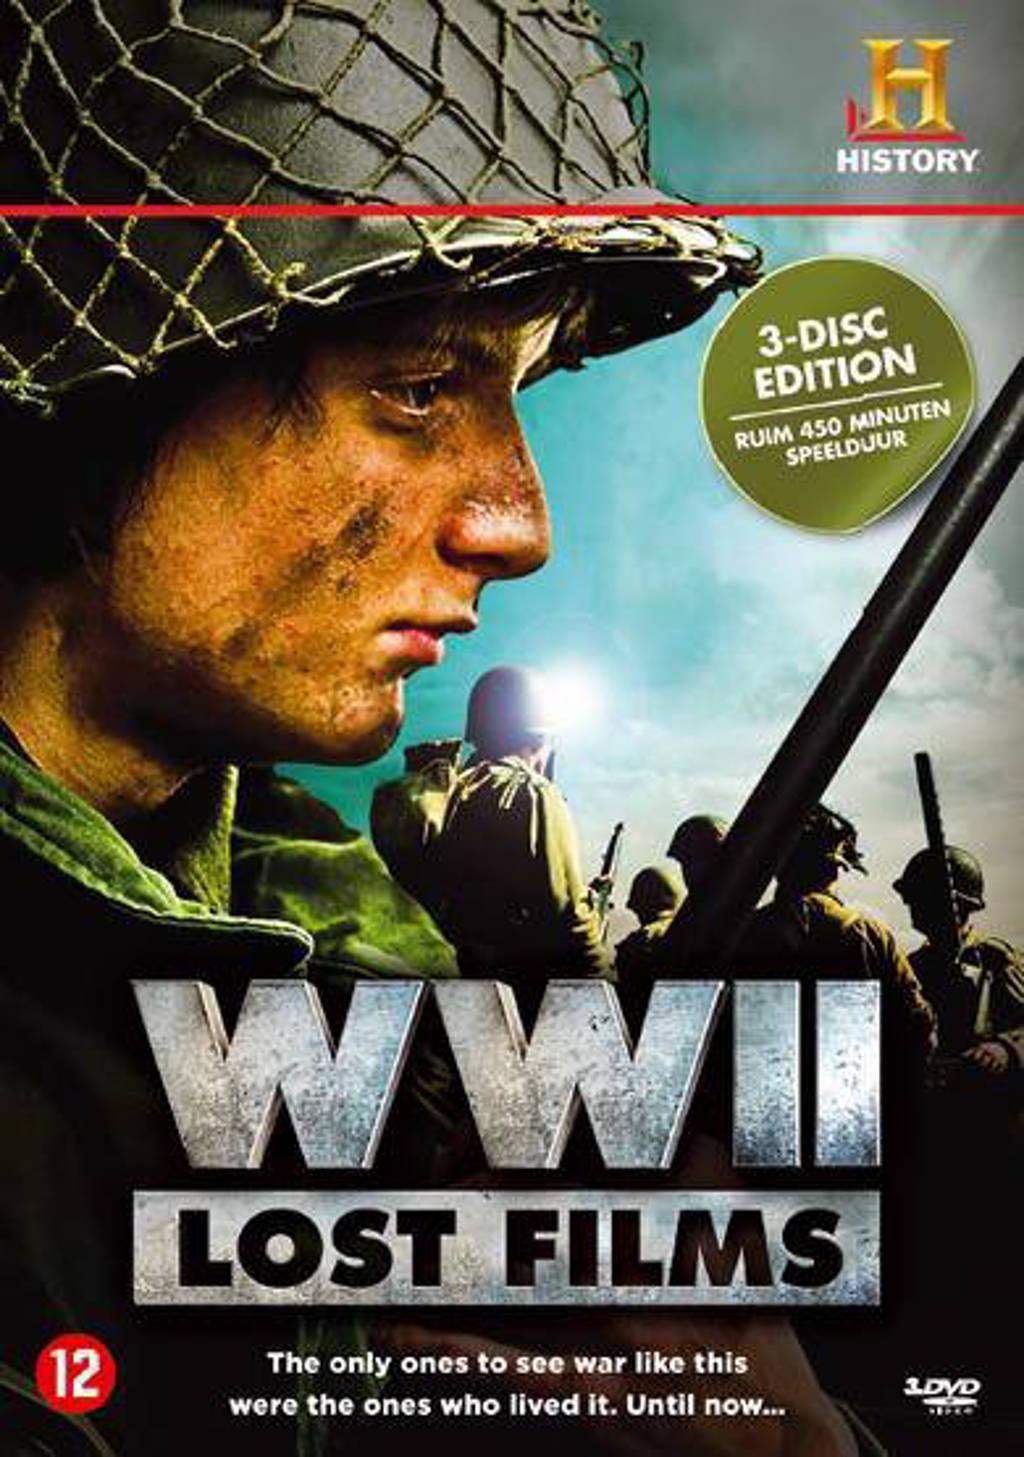 WWII lost films (DVD)